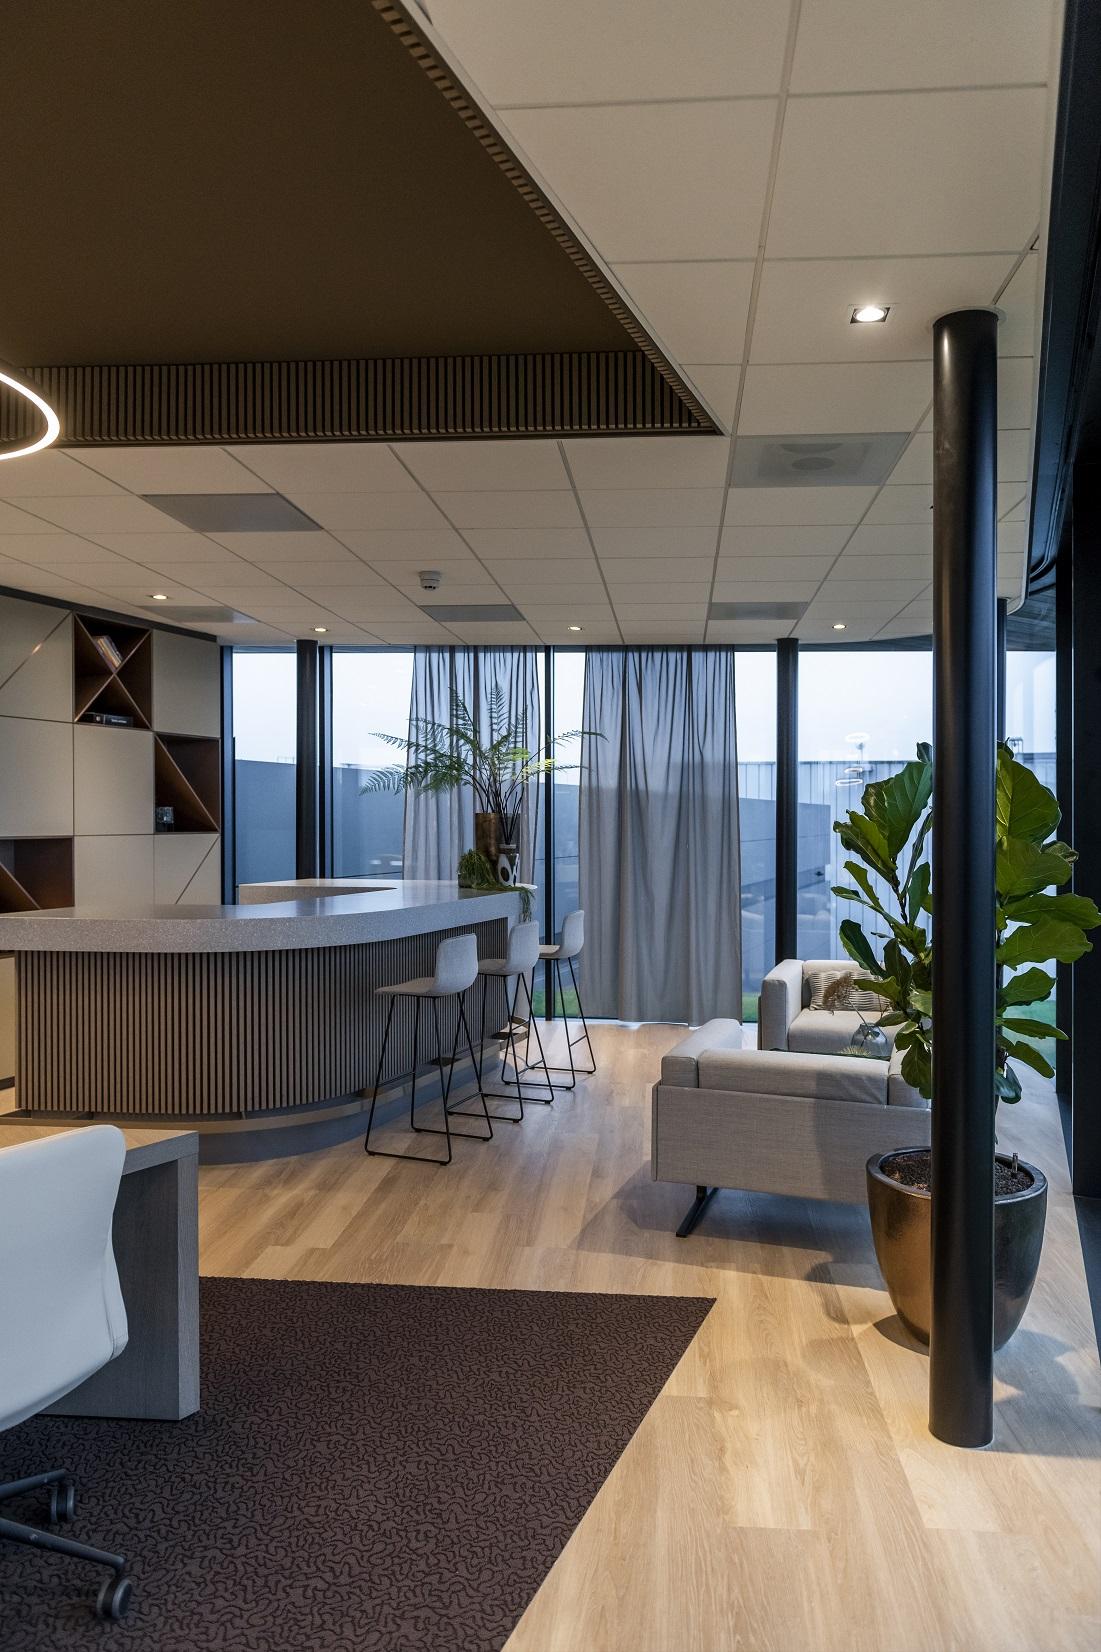 Aldenhoven - CORA Projects - HI-MACS VA22 - Frosty - gebogen barblad